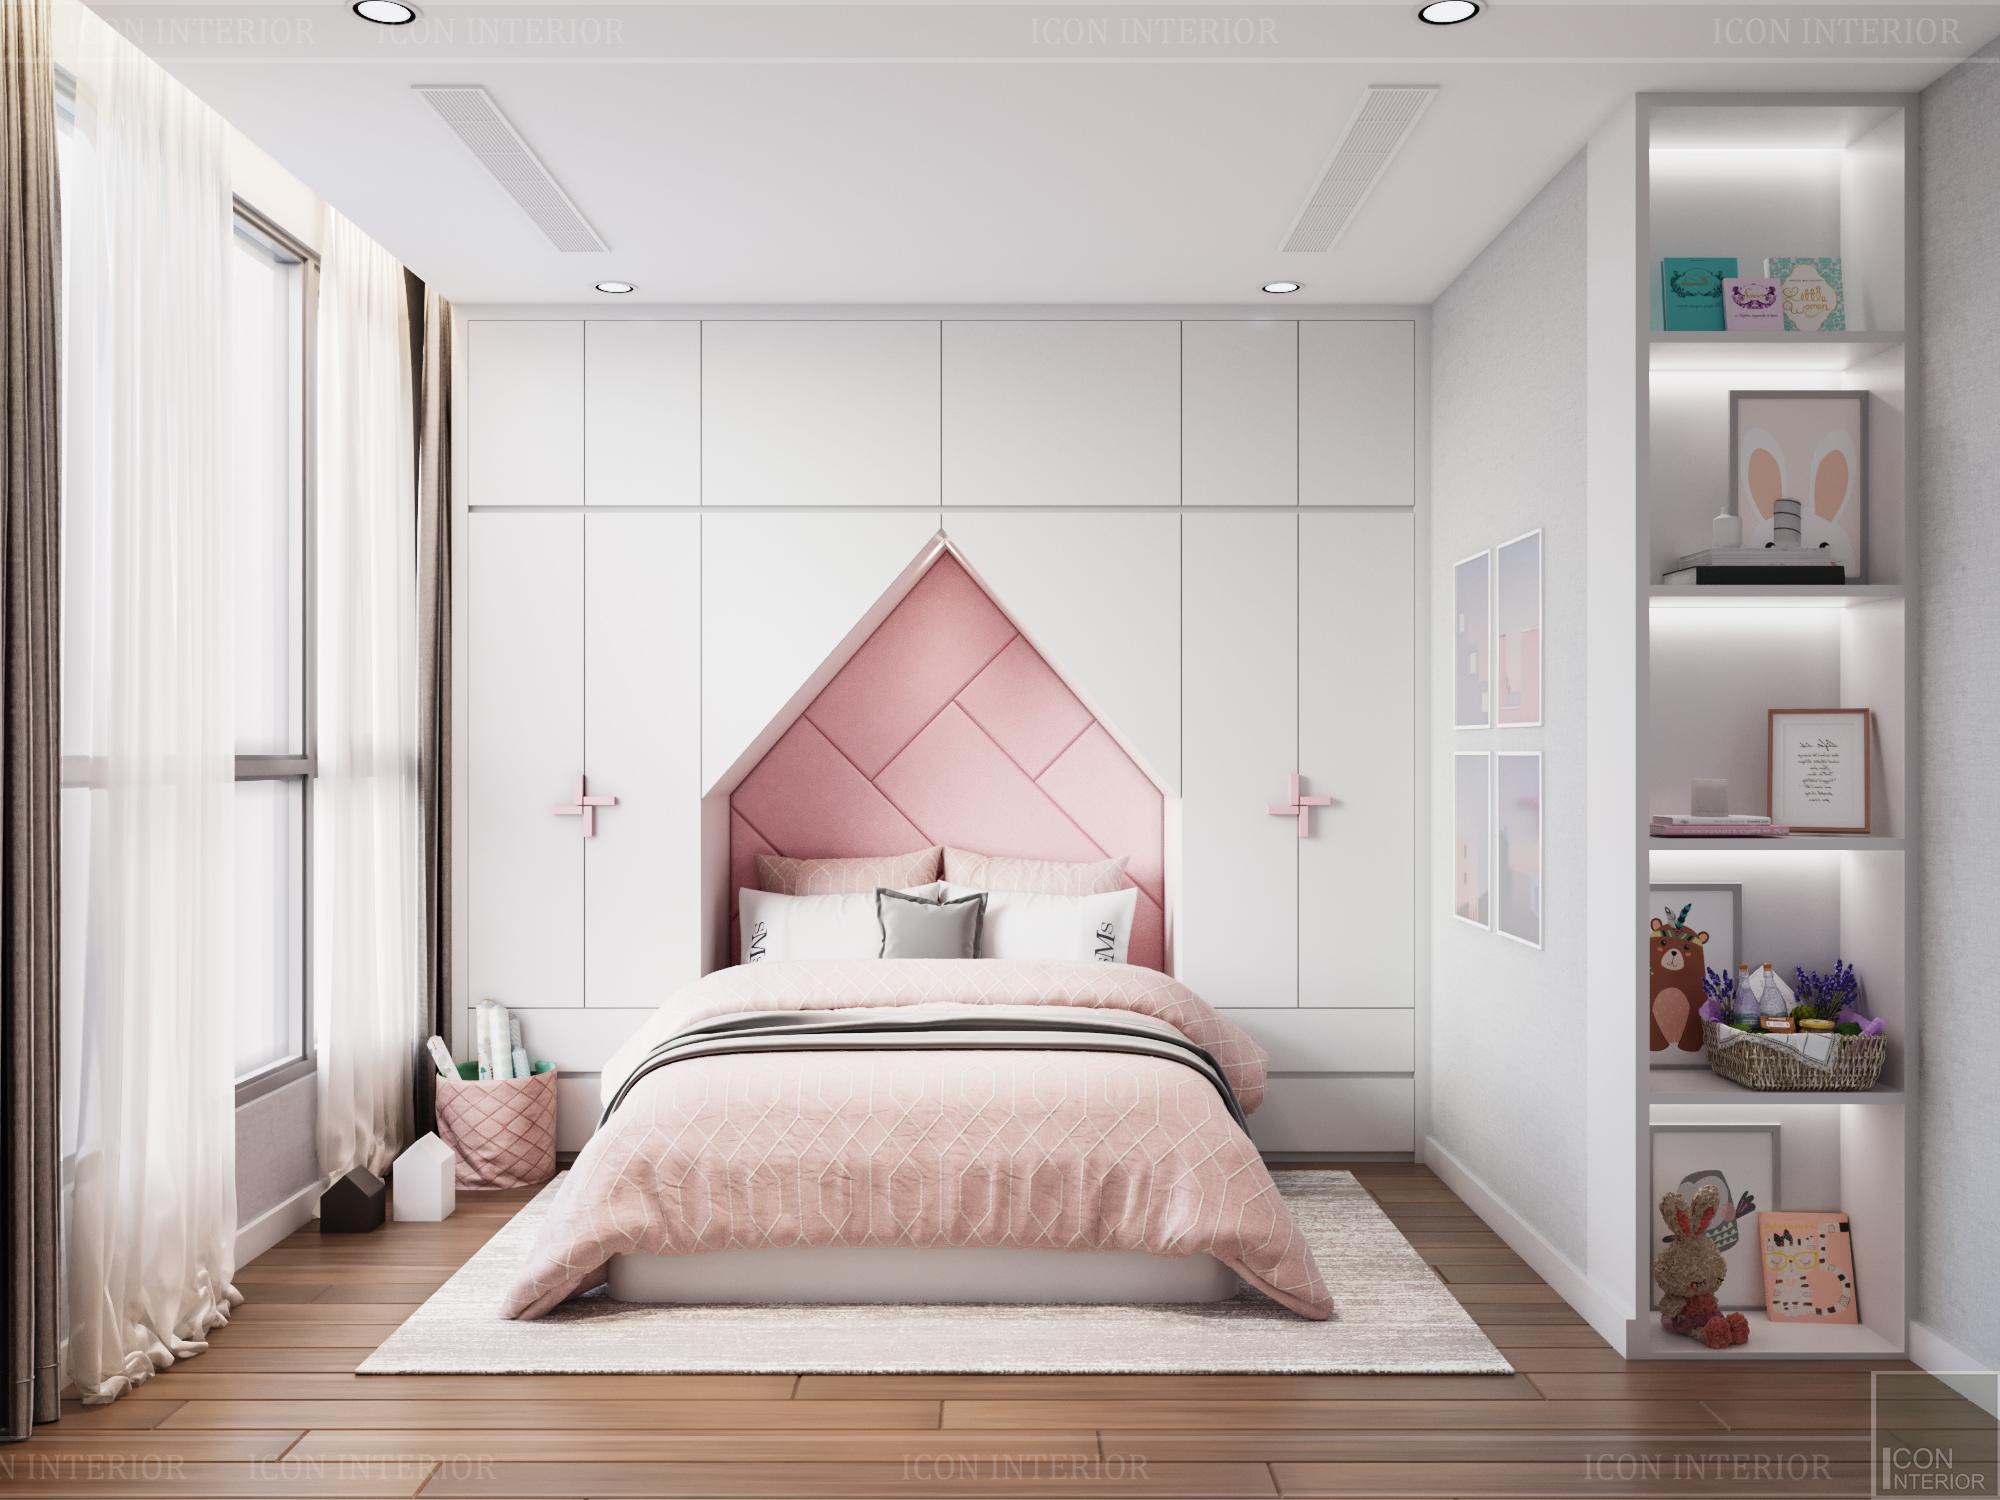 thiết kế căn hộ 3 phòng ngủ hiện đại - phòng ngủ bé 2